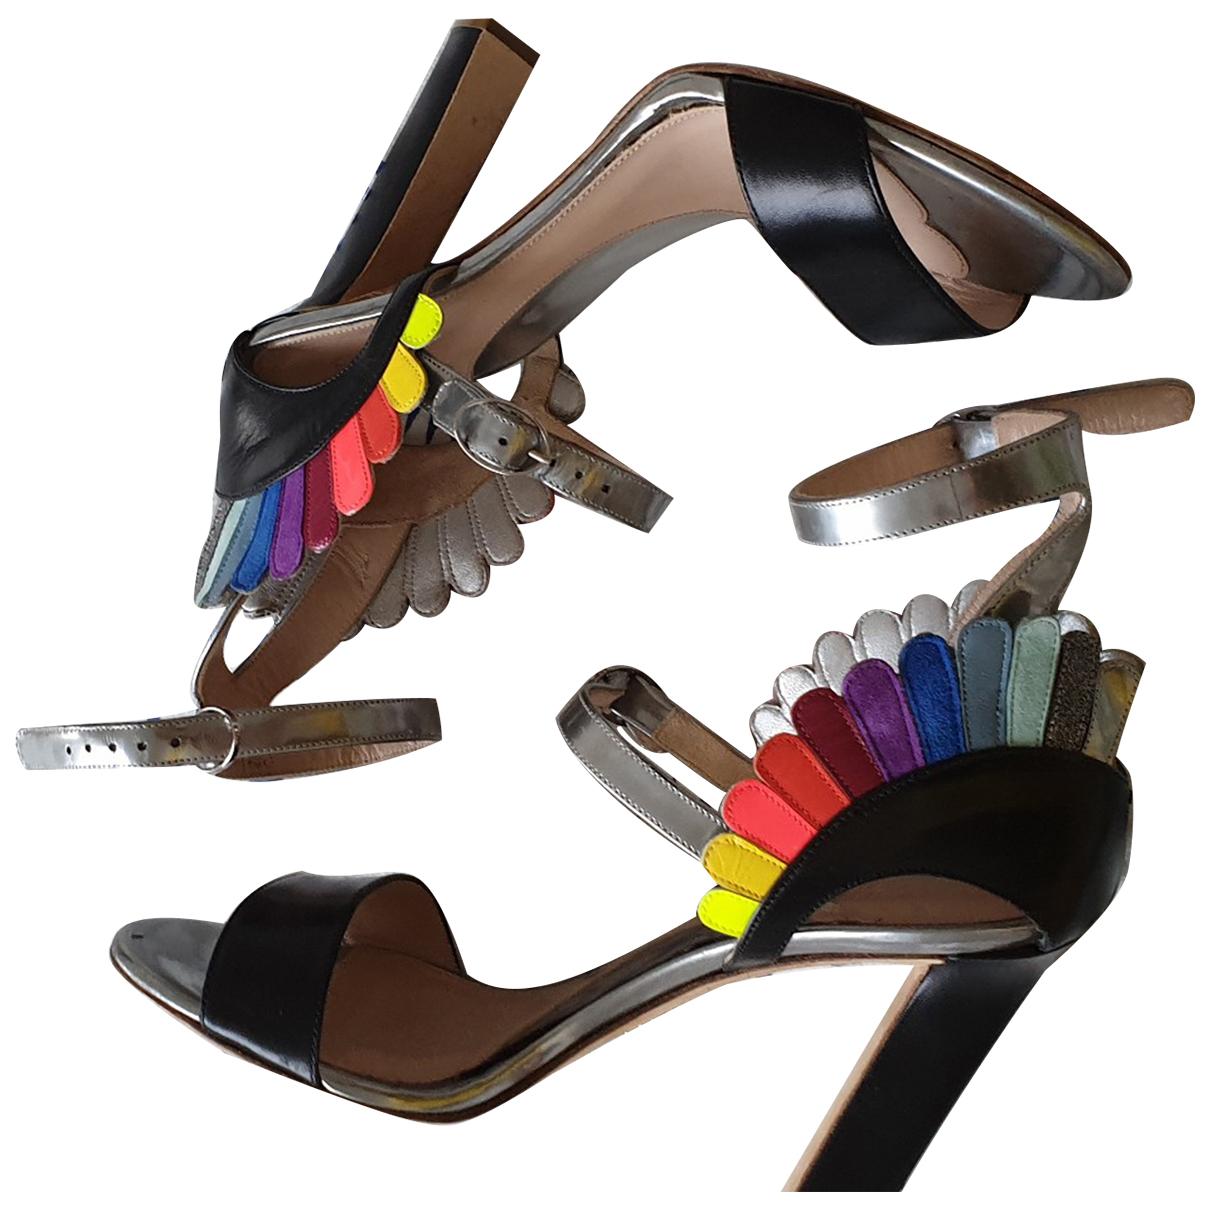 Sandalias de Cuero Paula Cademartori